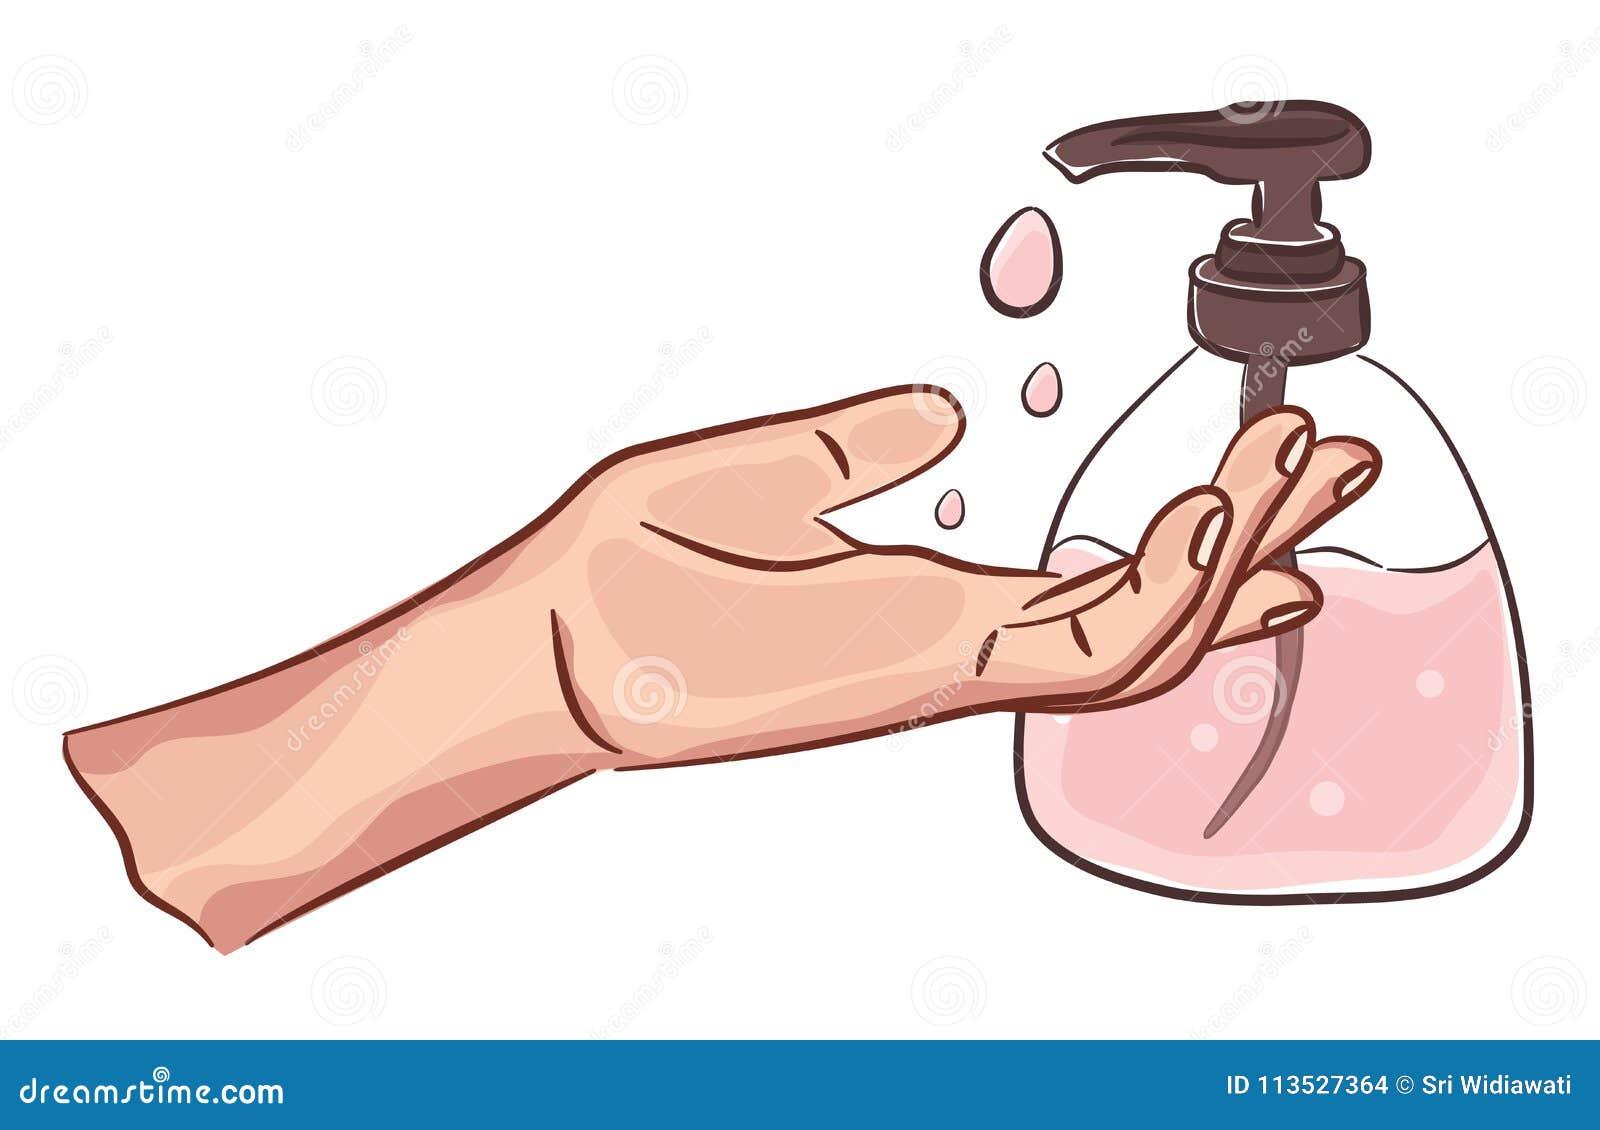 Maos Limpas De Lavagem Com Sabao Handwashing Higiene Pessoal